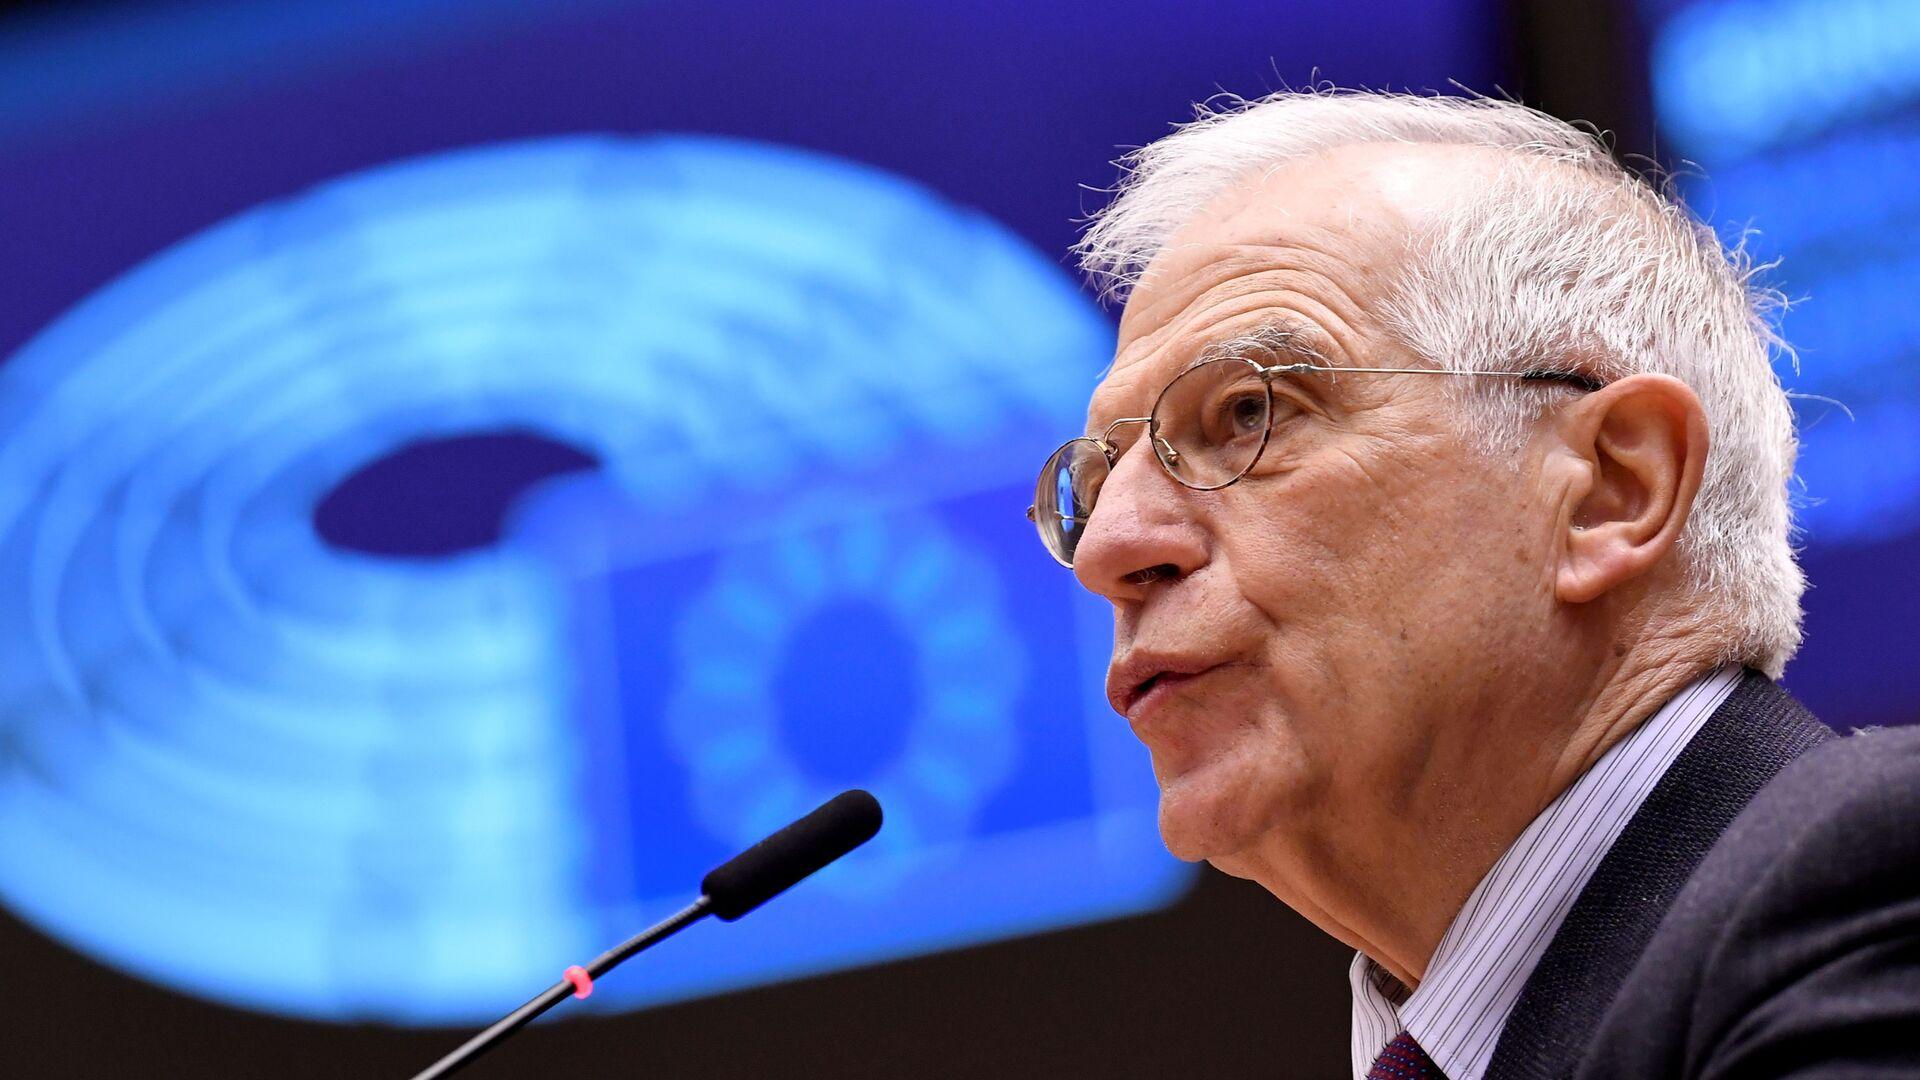 Josep Borrell, alto representante para la Política Exterior de la UE  - Sputnik Mundo, 1920, 08.10.2021